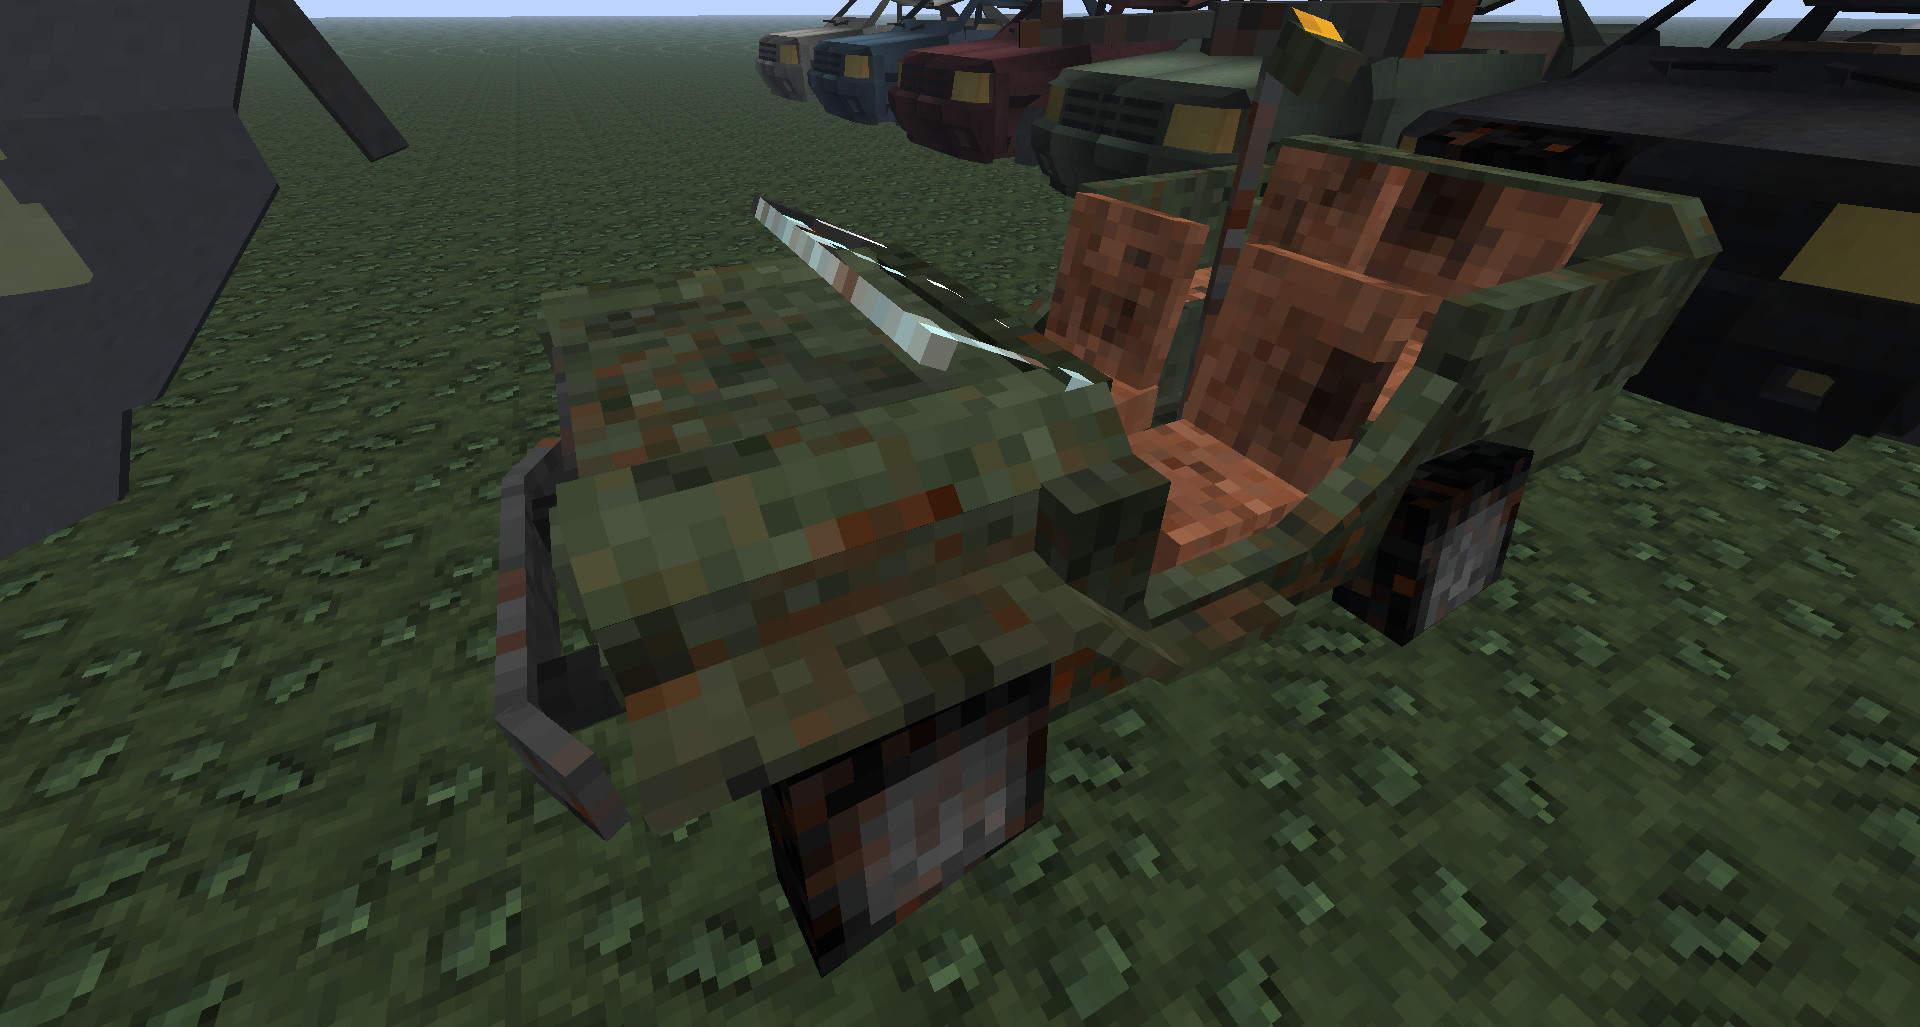 【情報】【MOD】1.7.10 Decimation 大型末日模組&官方伺服器 @Minecraft 我的世界(當個創世神) 哈啦板 - 巴哈姆特